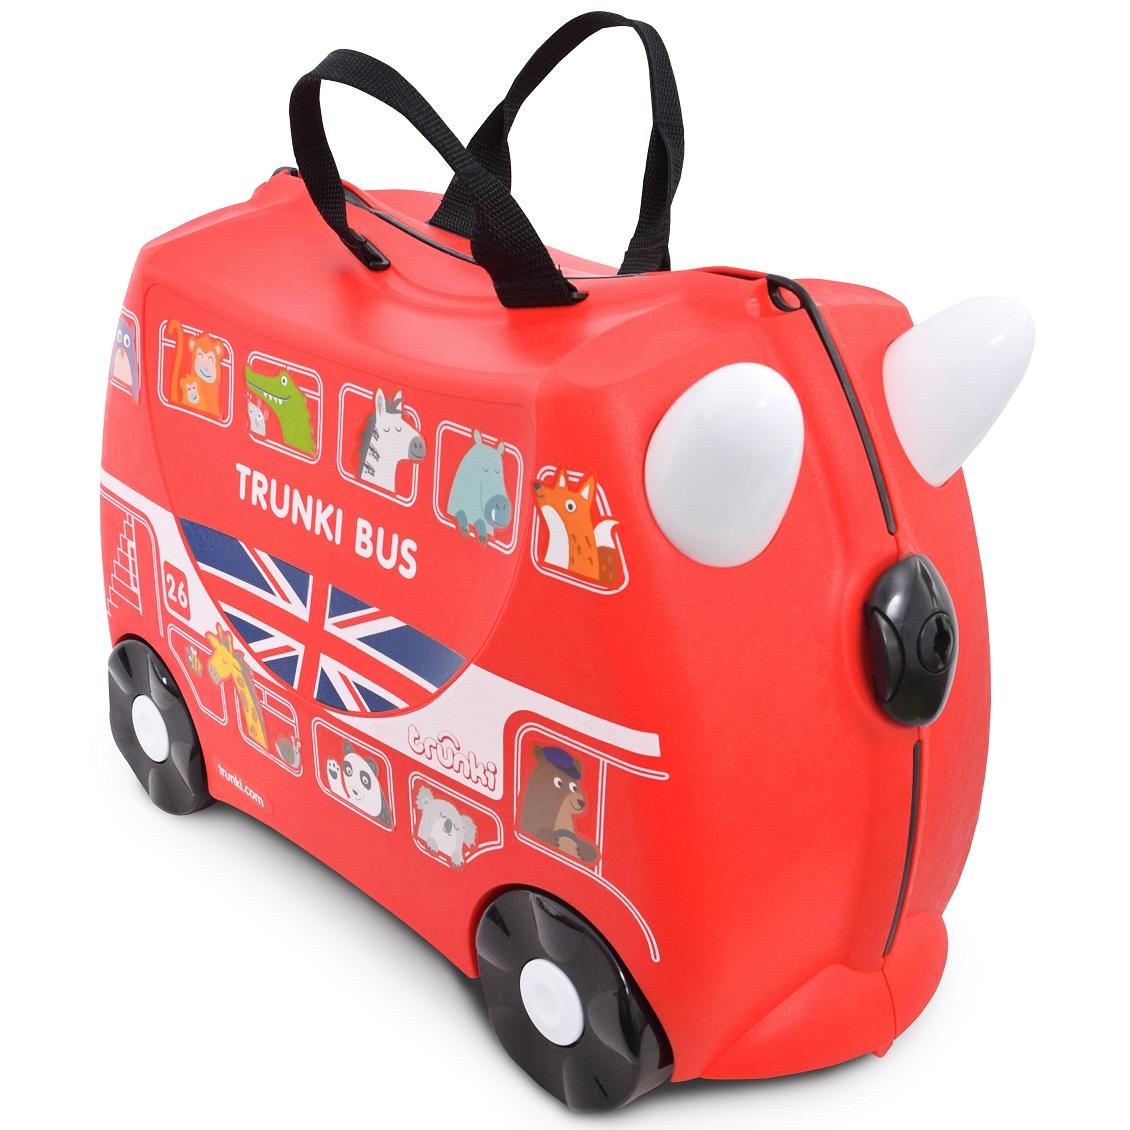 Valiza pentru copii Ride-On Autobuz Boris Trunki, Rosu, 46 cm imagine